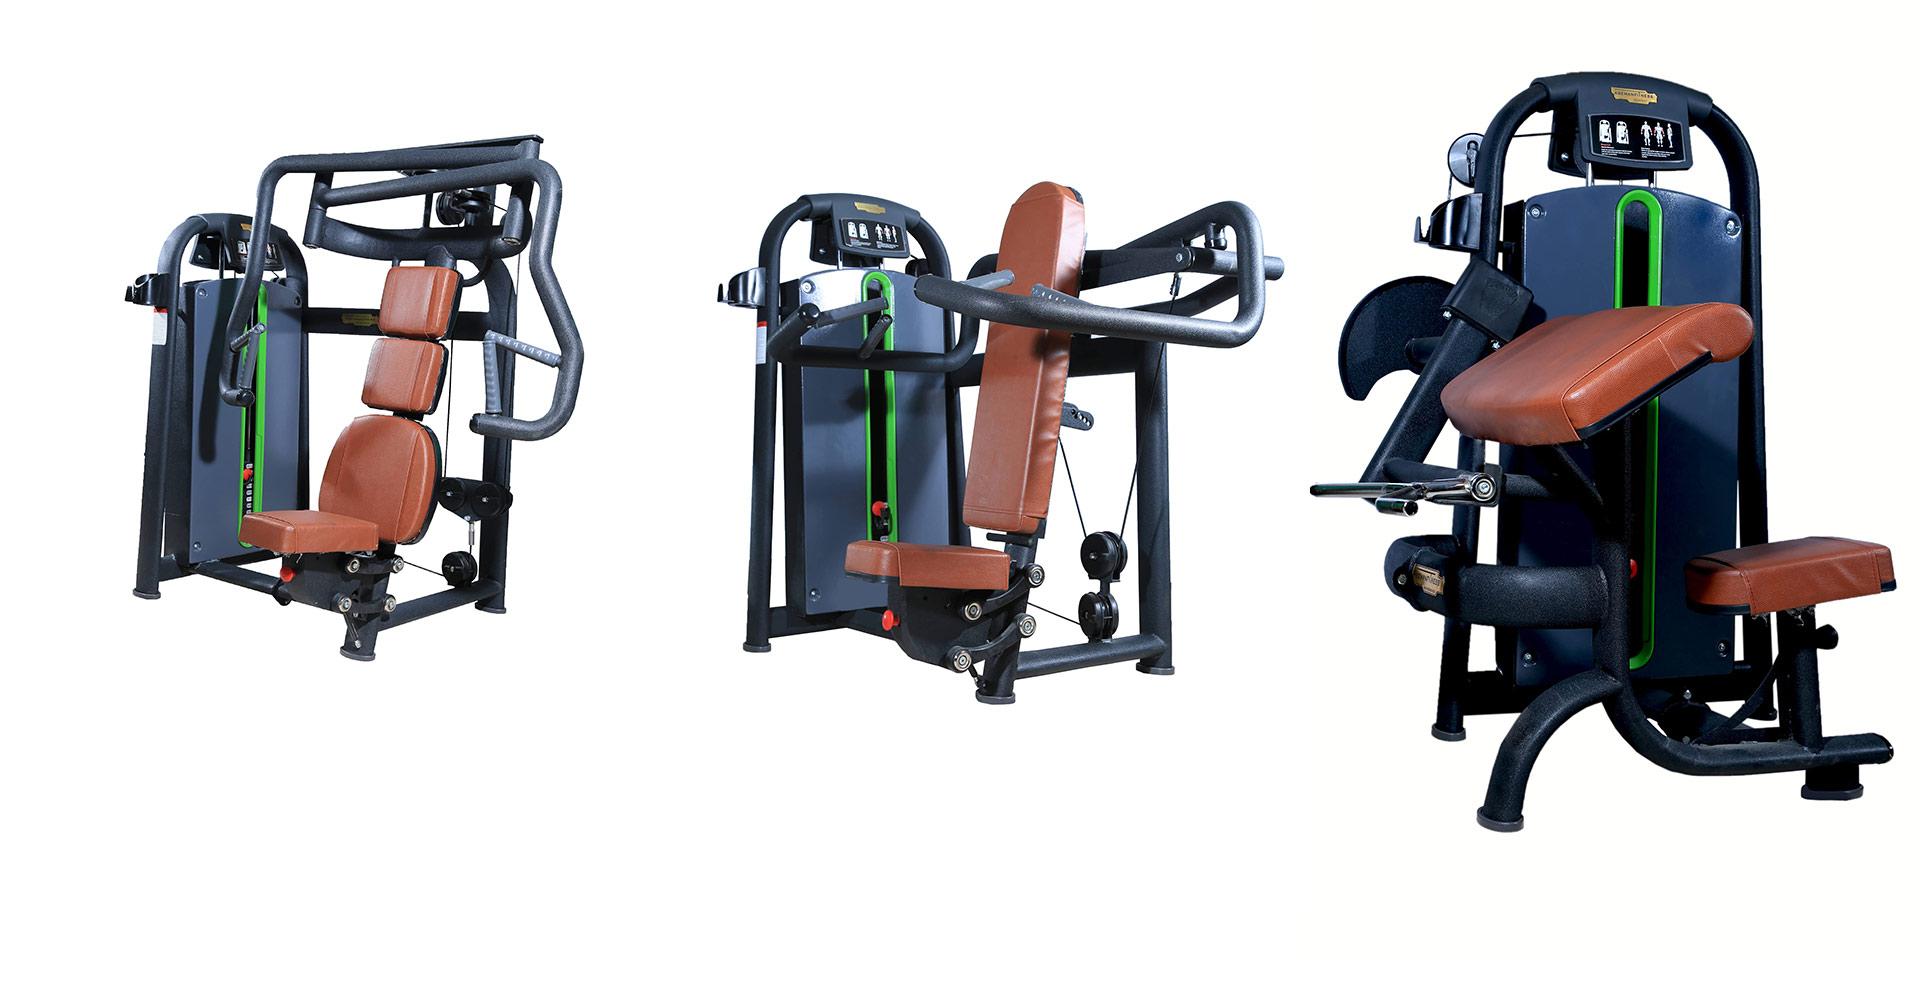 خرید دستگاه بدنسازی : ایرانی و خارجی، مدرن و حرفه ای Sky Fitness